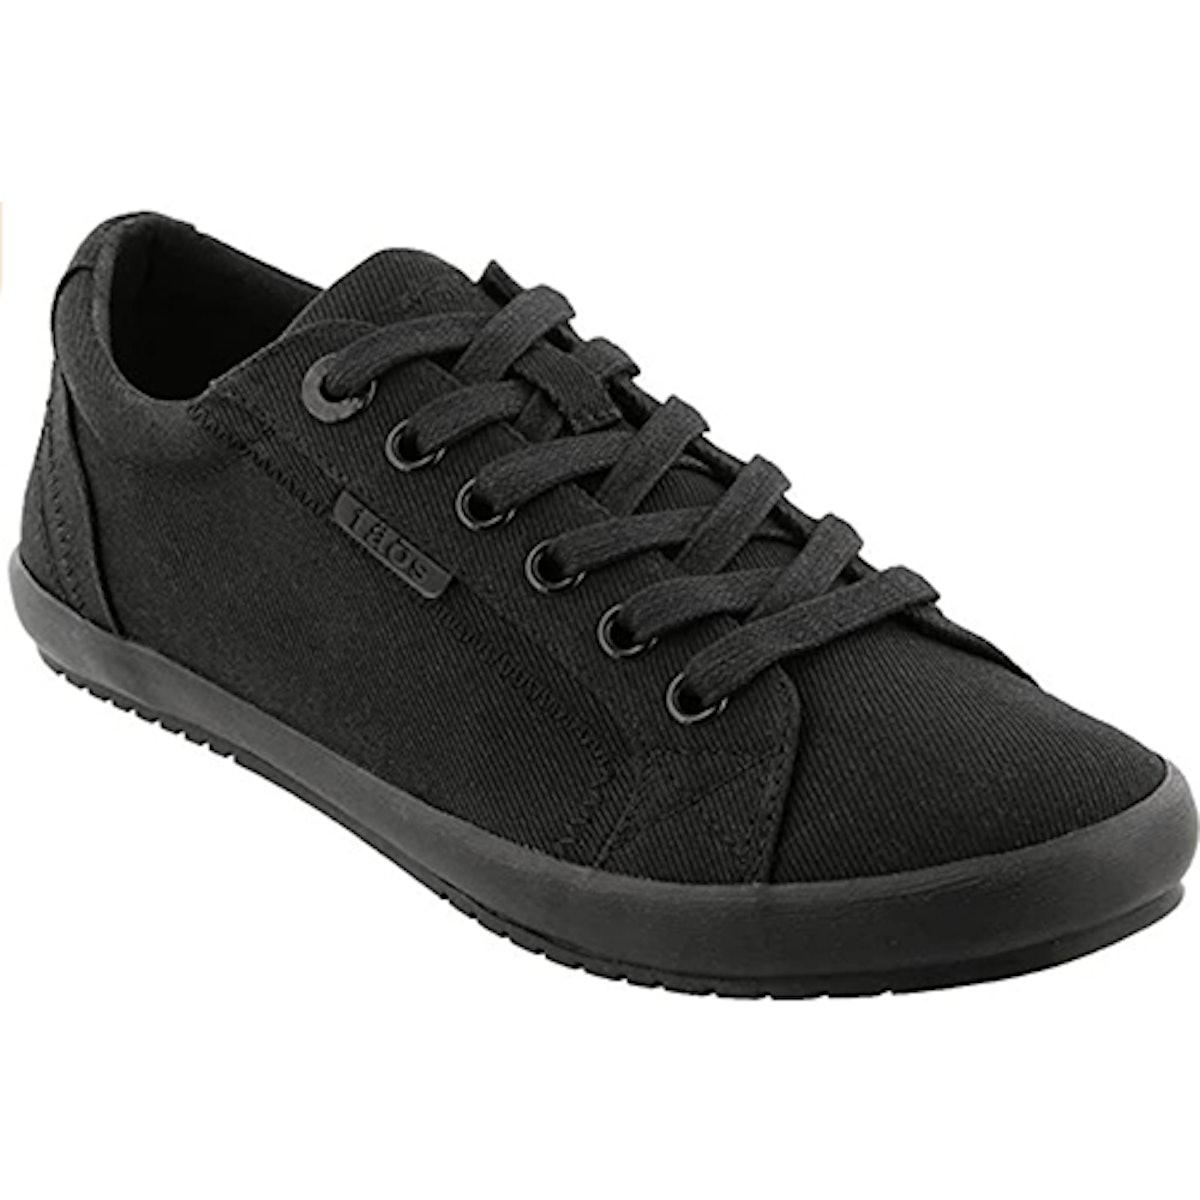 Taos Footwear Star Fashion Sneaker